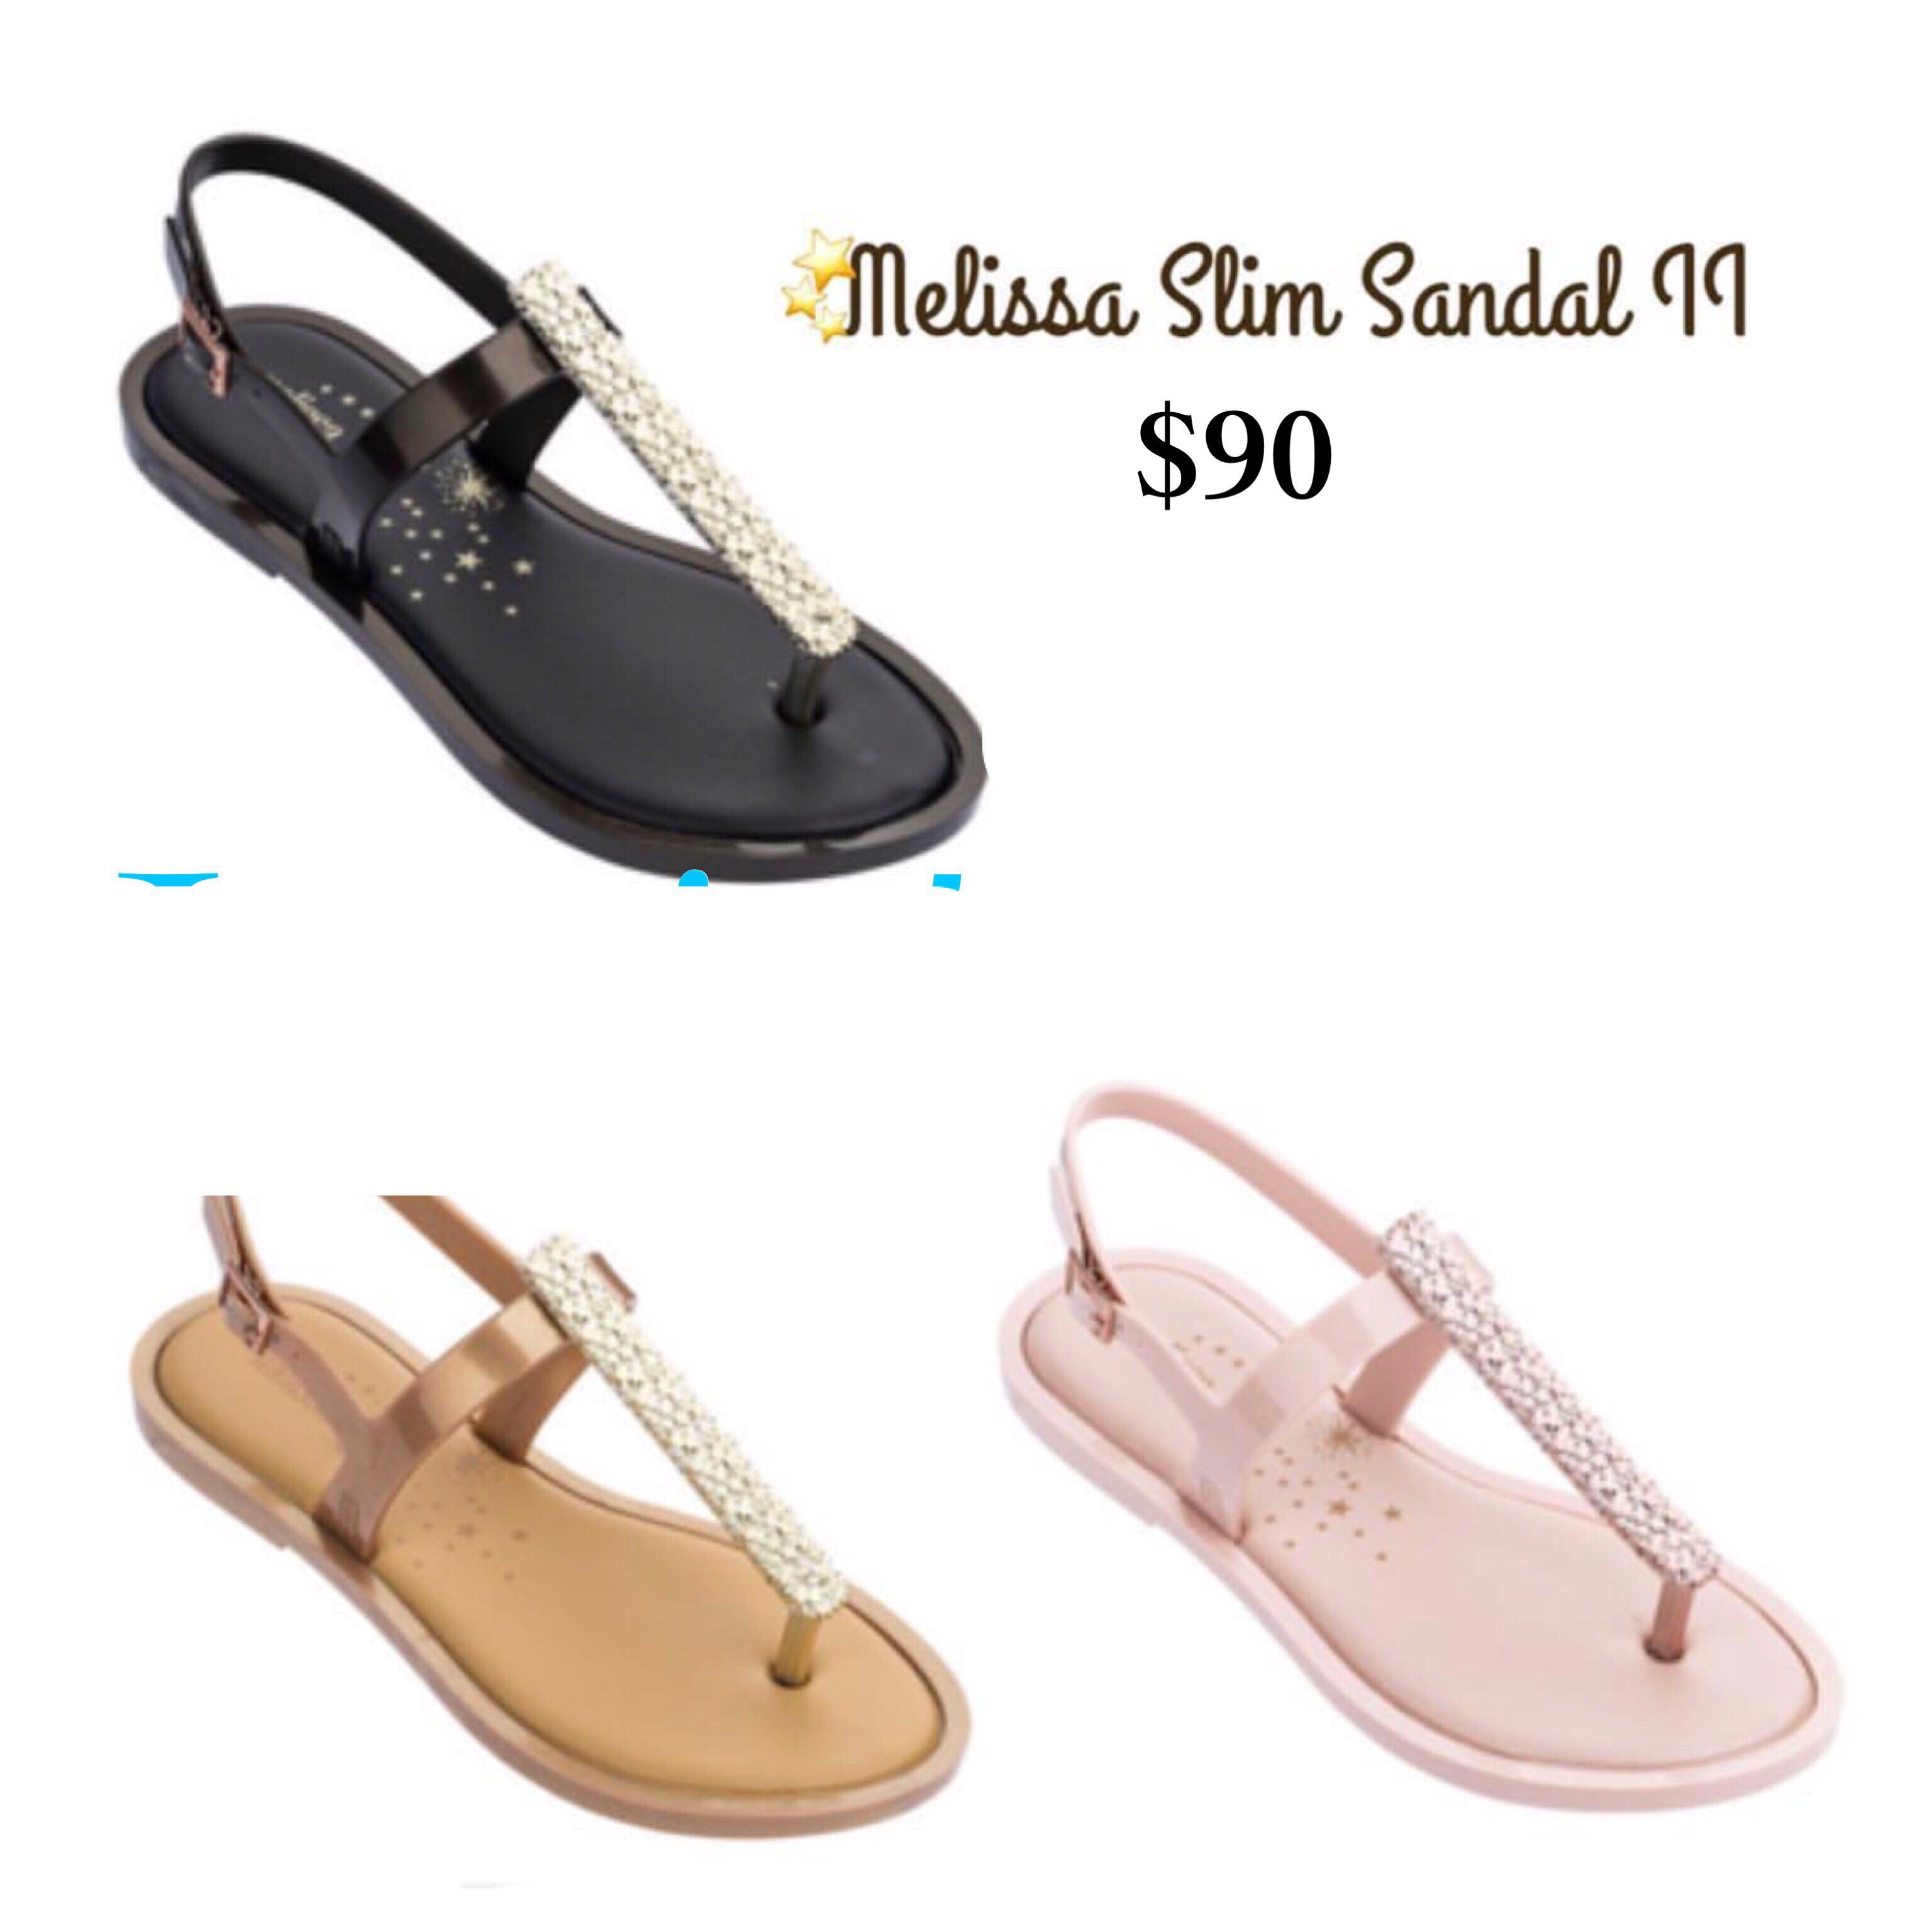 2af5a0b40d4d JUST IN! Melissa Slim Sandal II